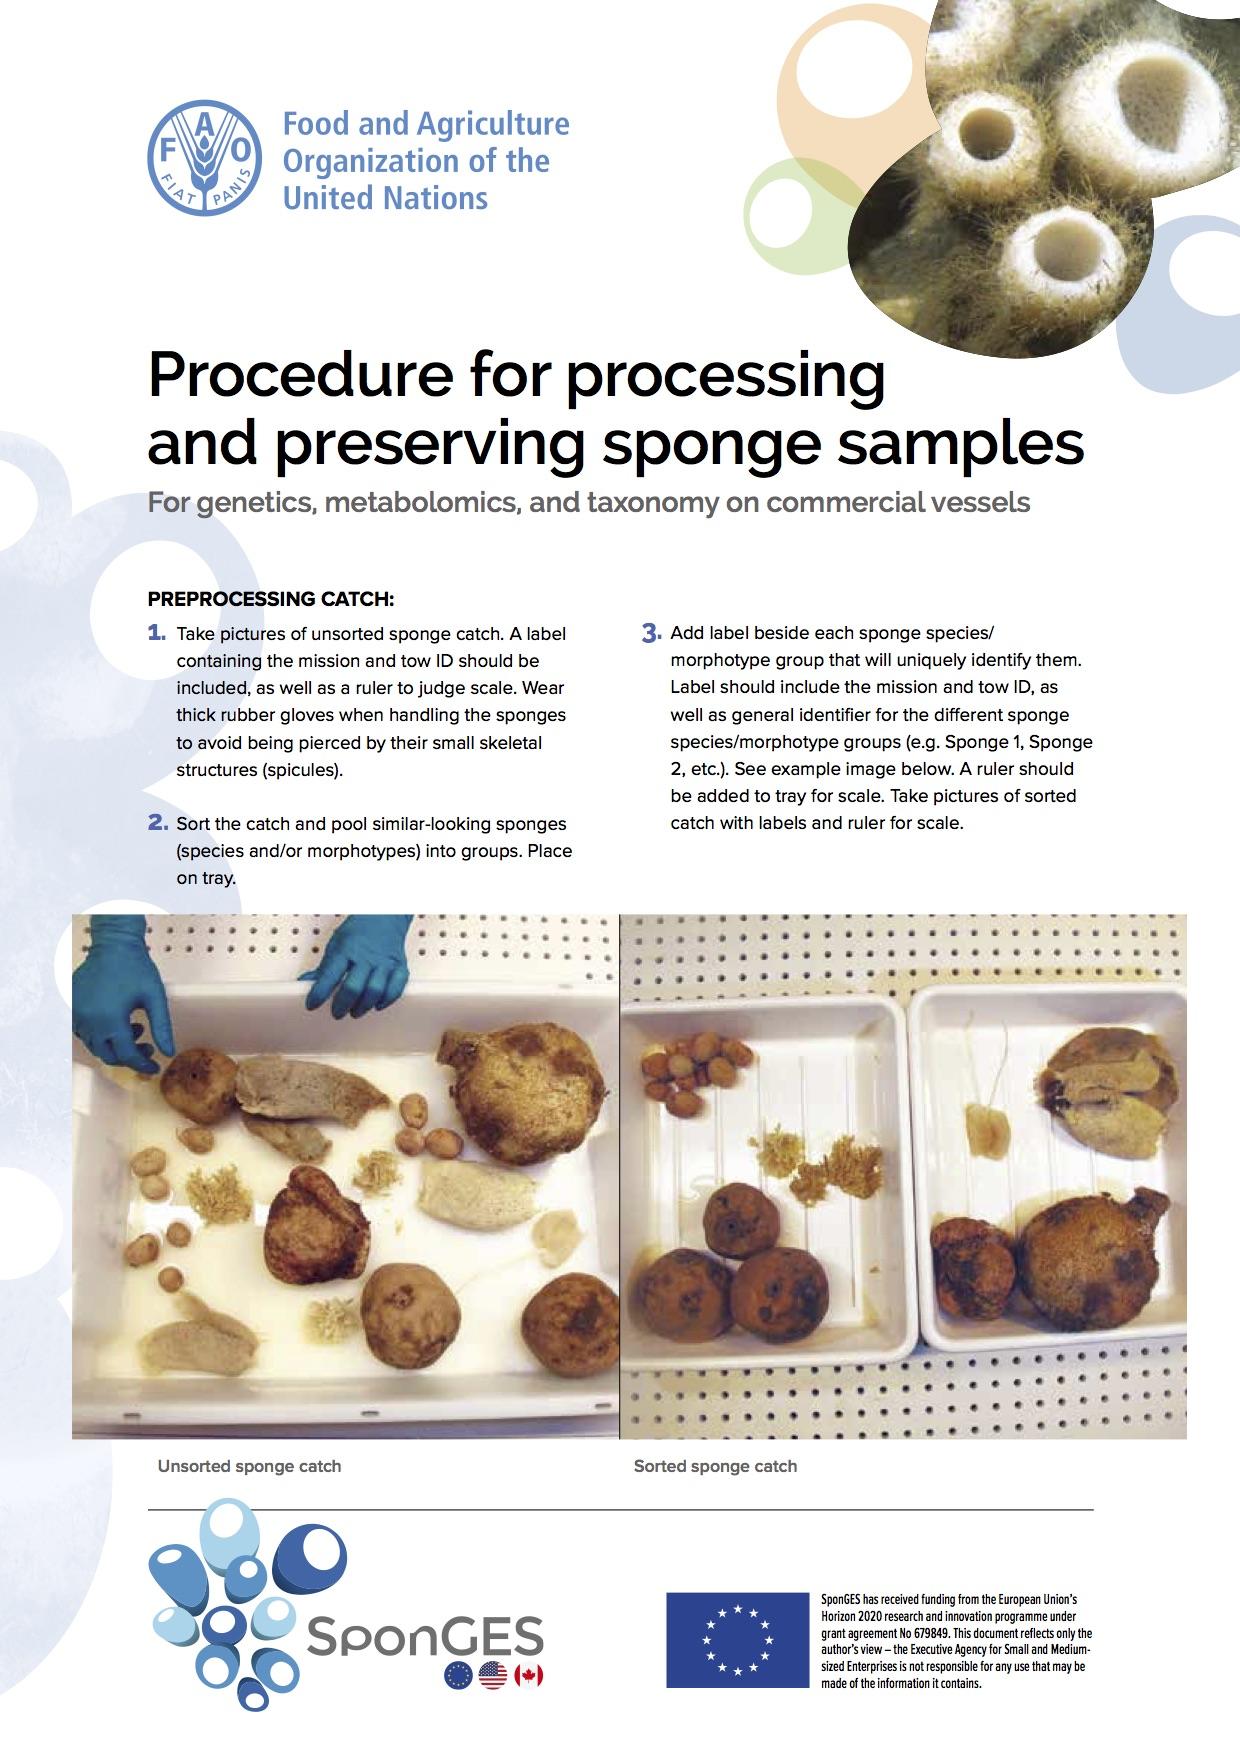 SponGES FAO Processing Preserving Sponges